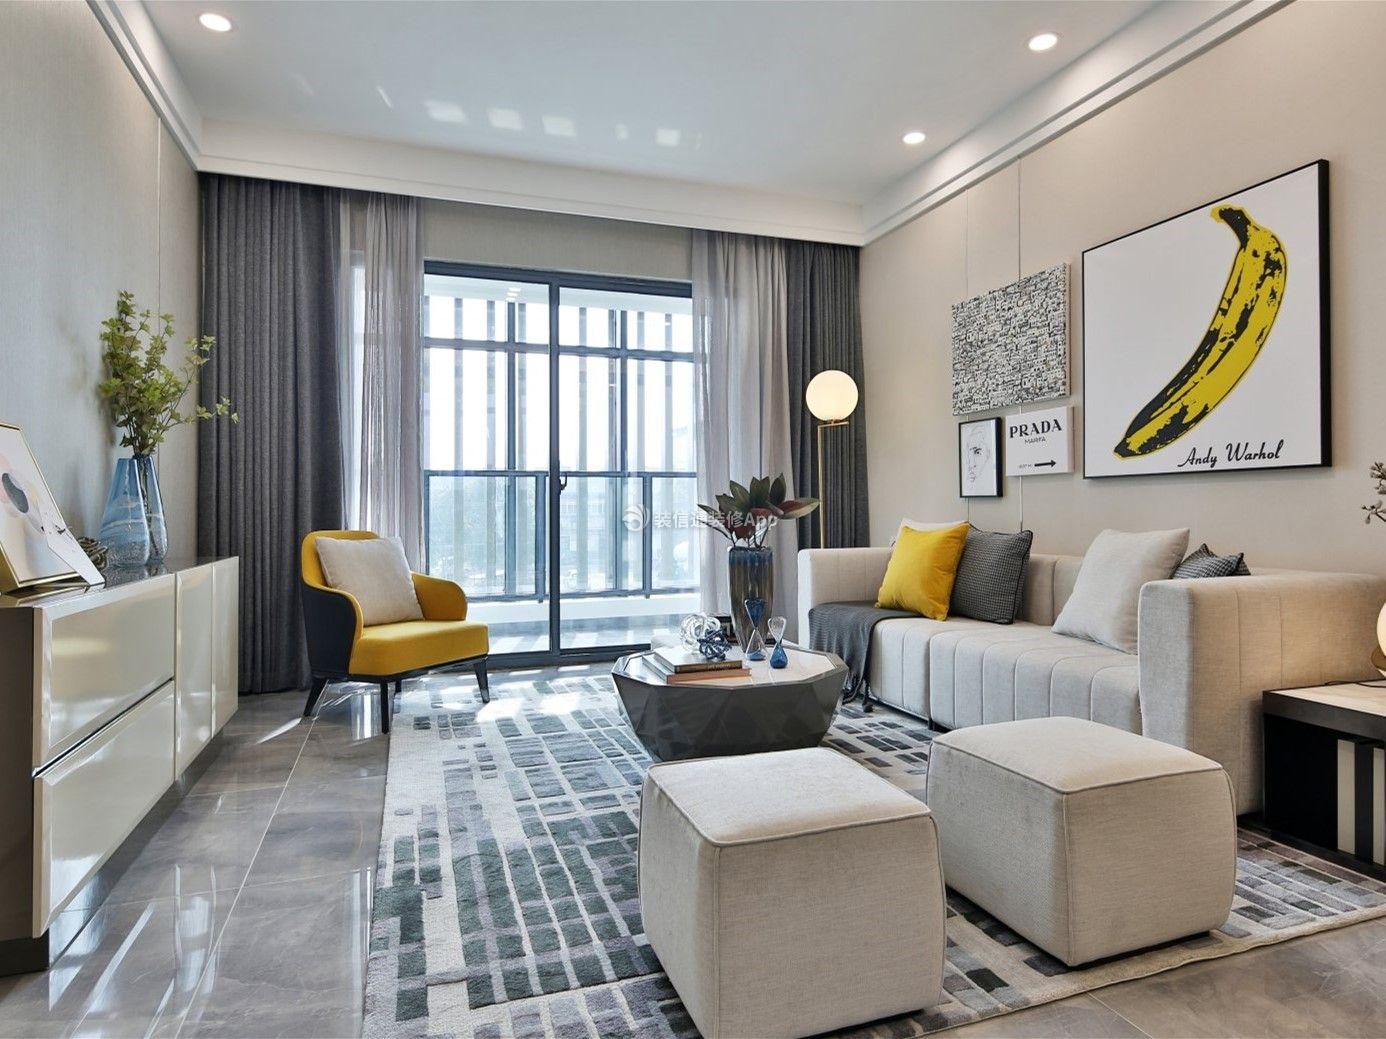 100平米三室一厅客厅背景墙装修设计图欣赏